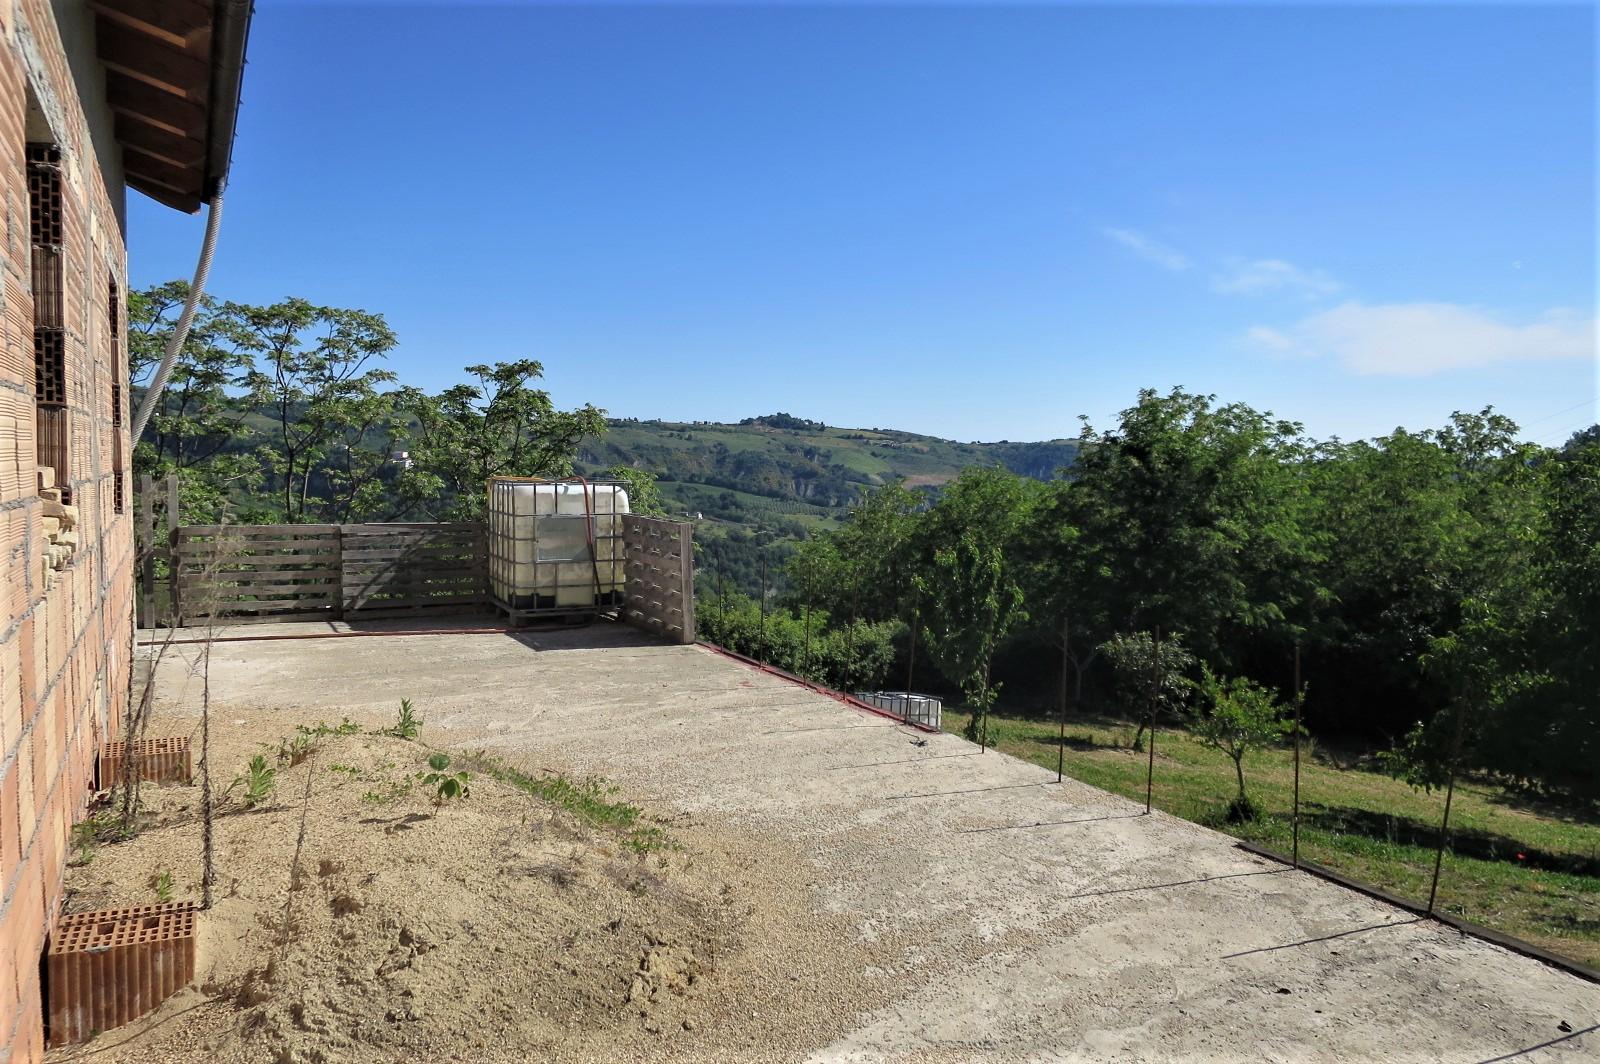 Country Houses Country Houses for sale Castiglione Messer Raimondo (TE), Casa Paradiso - Castiglione Messer Raimondo - EUR 181.096 570